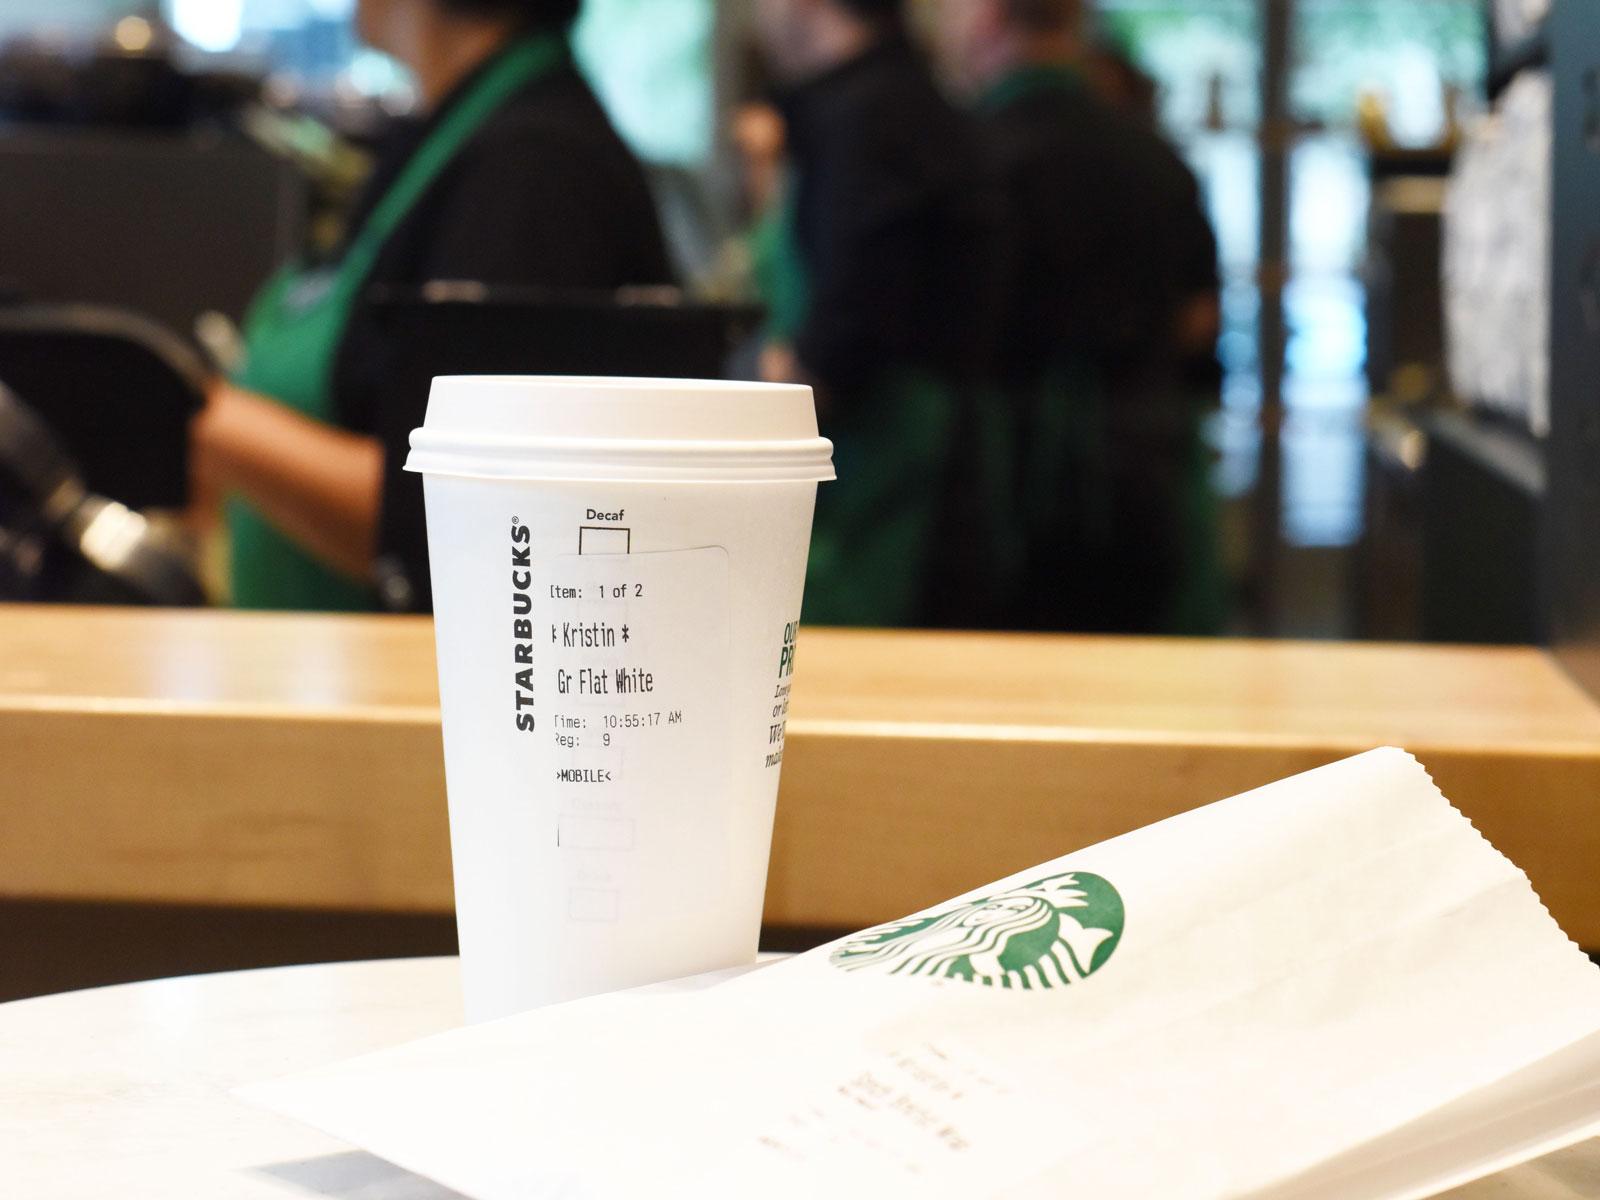 Roastery, Reserve Bar, Regular Starbucks: What's the Difference? starbucks-store-explainer-4-FT-BLOG1218